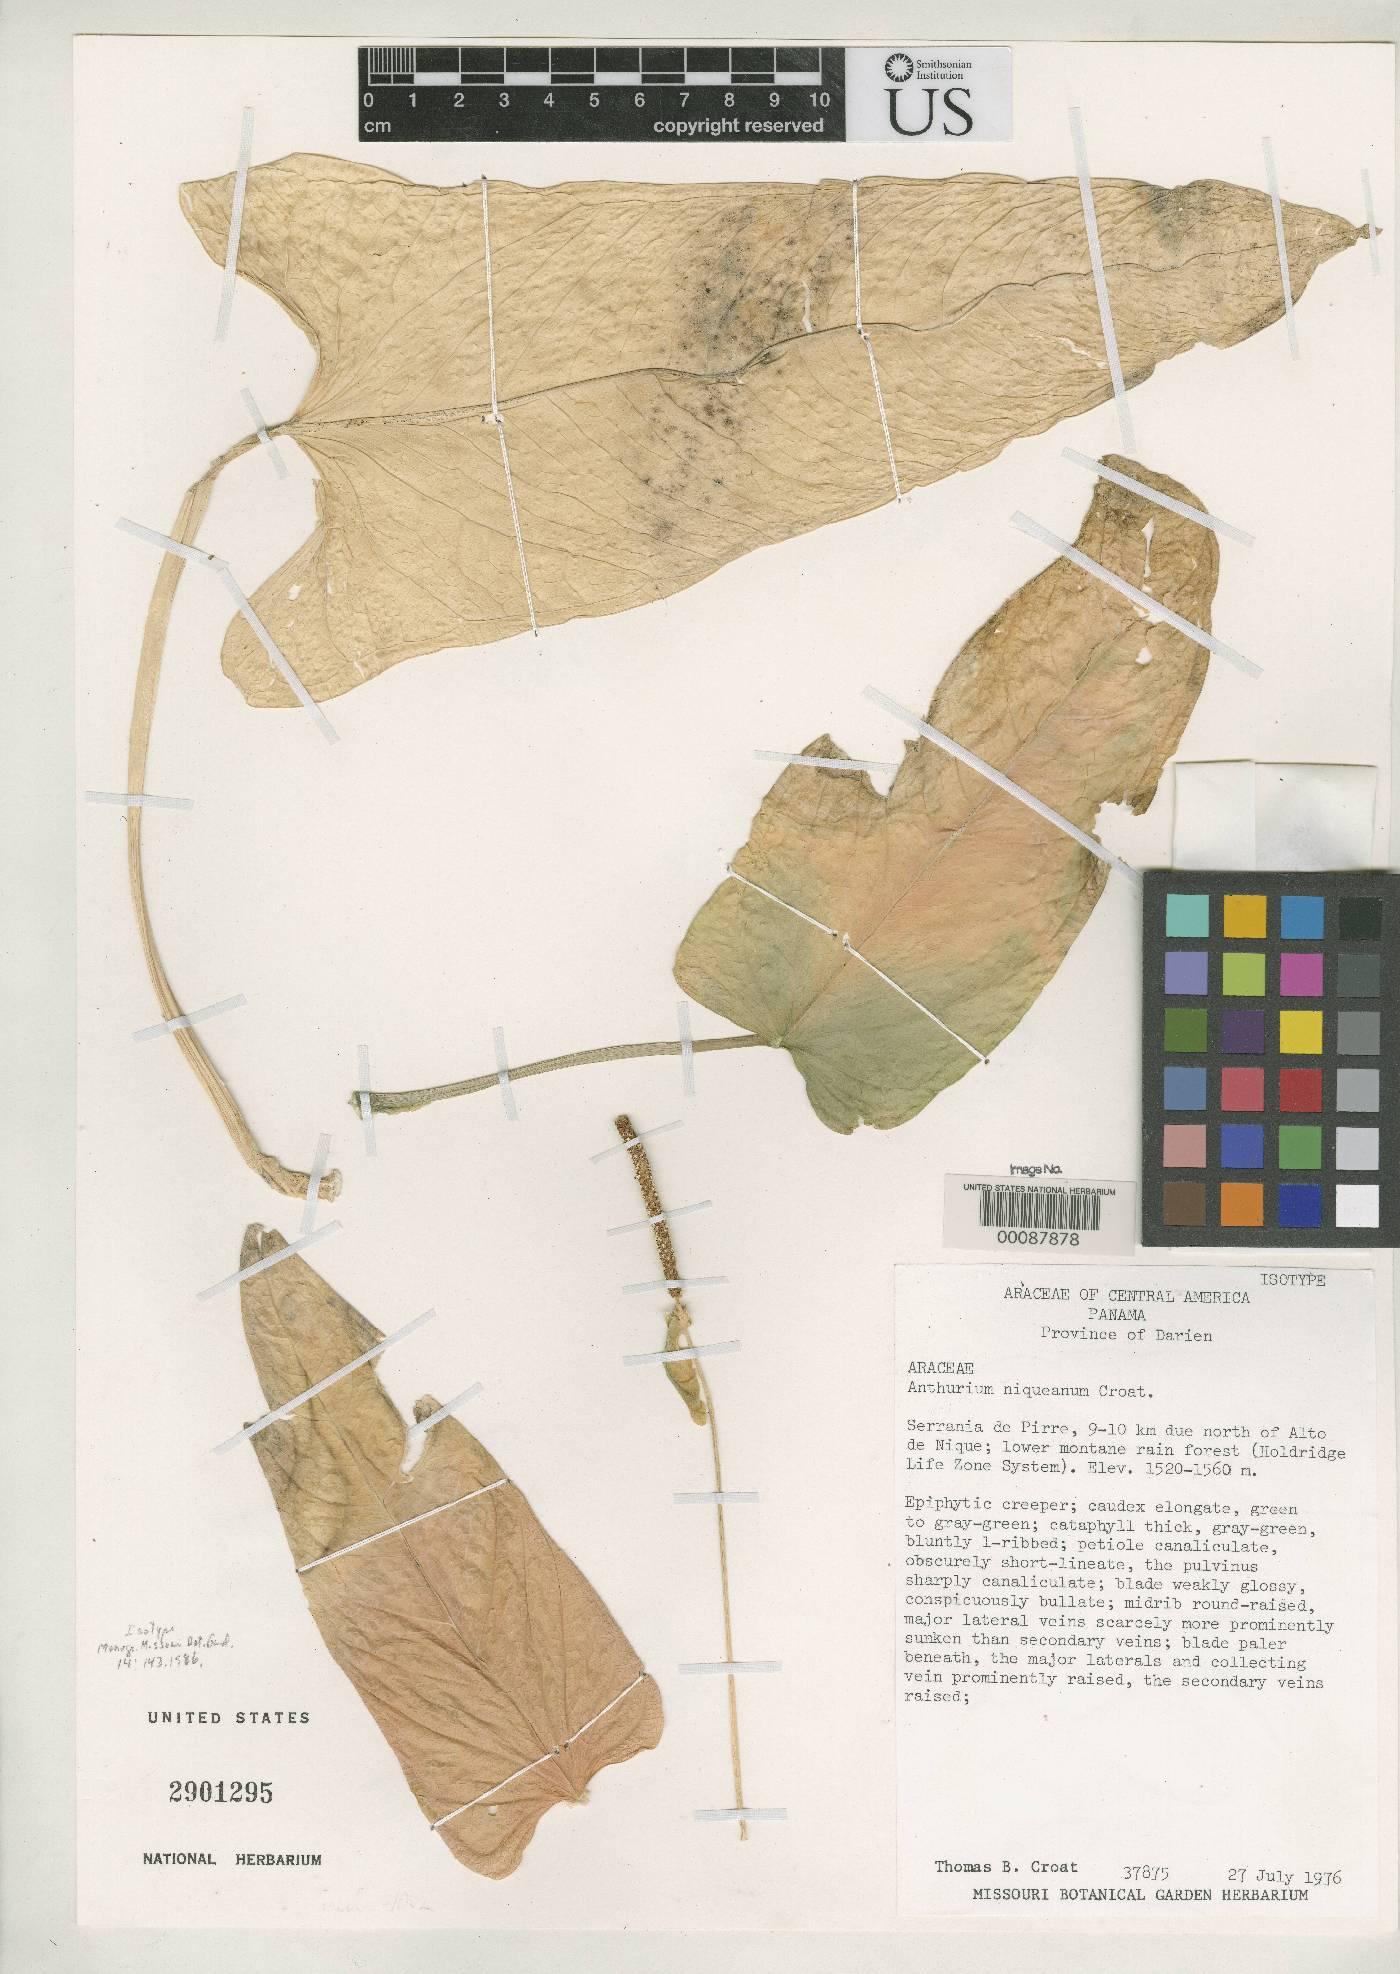 Anthurium niqueanum image